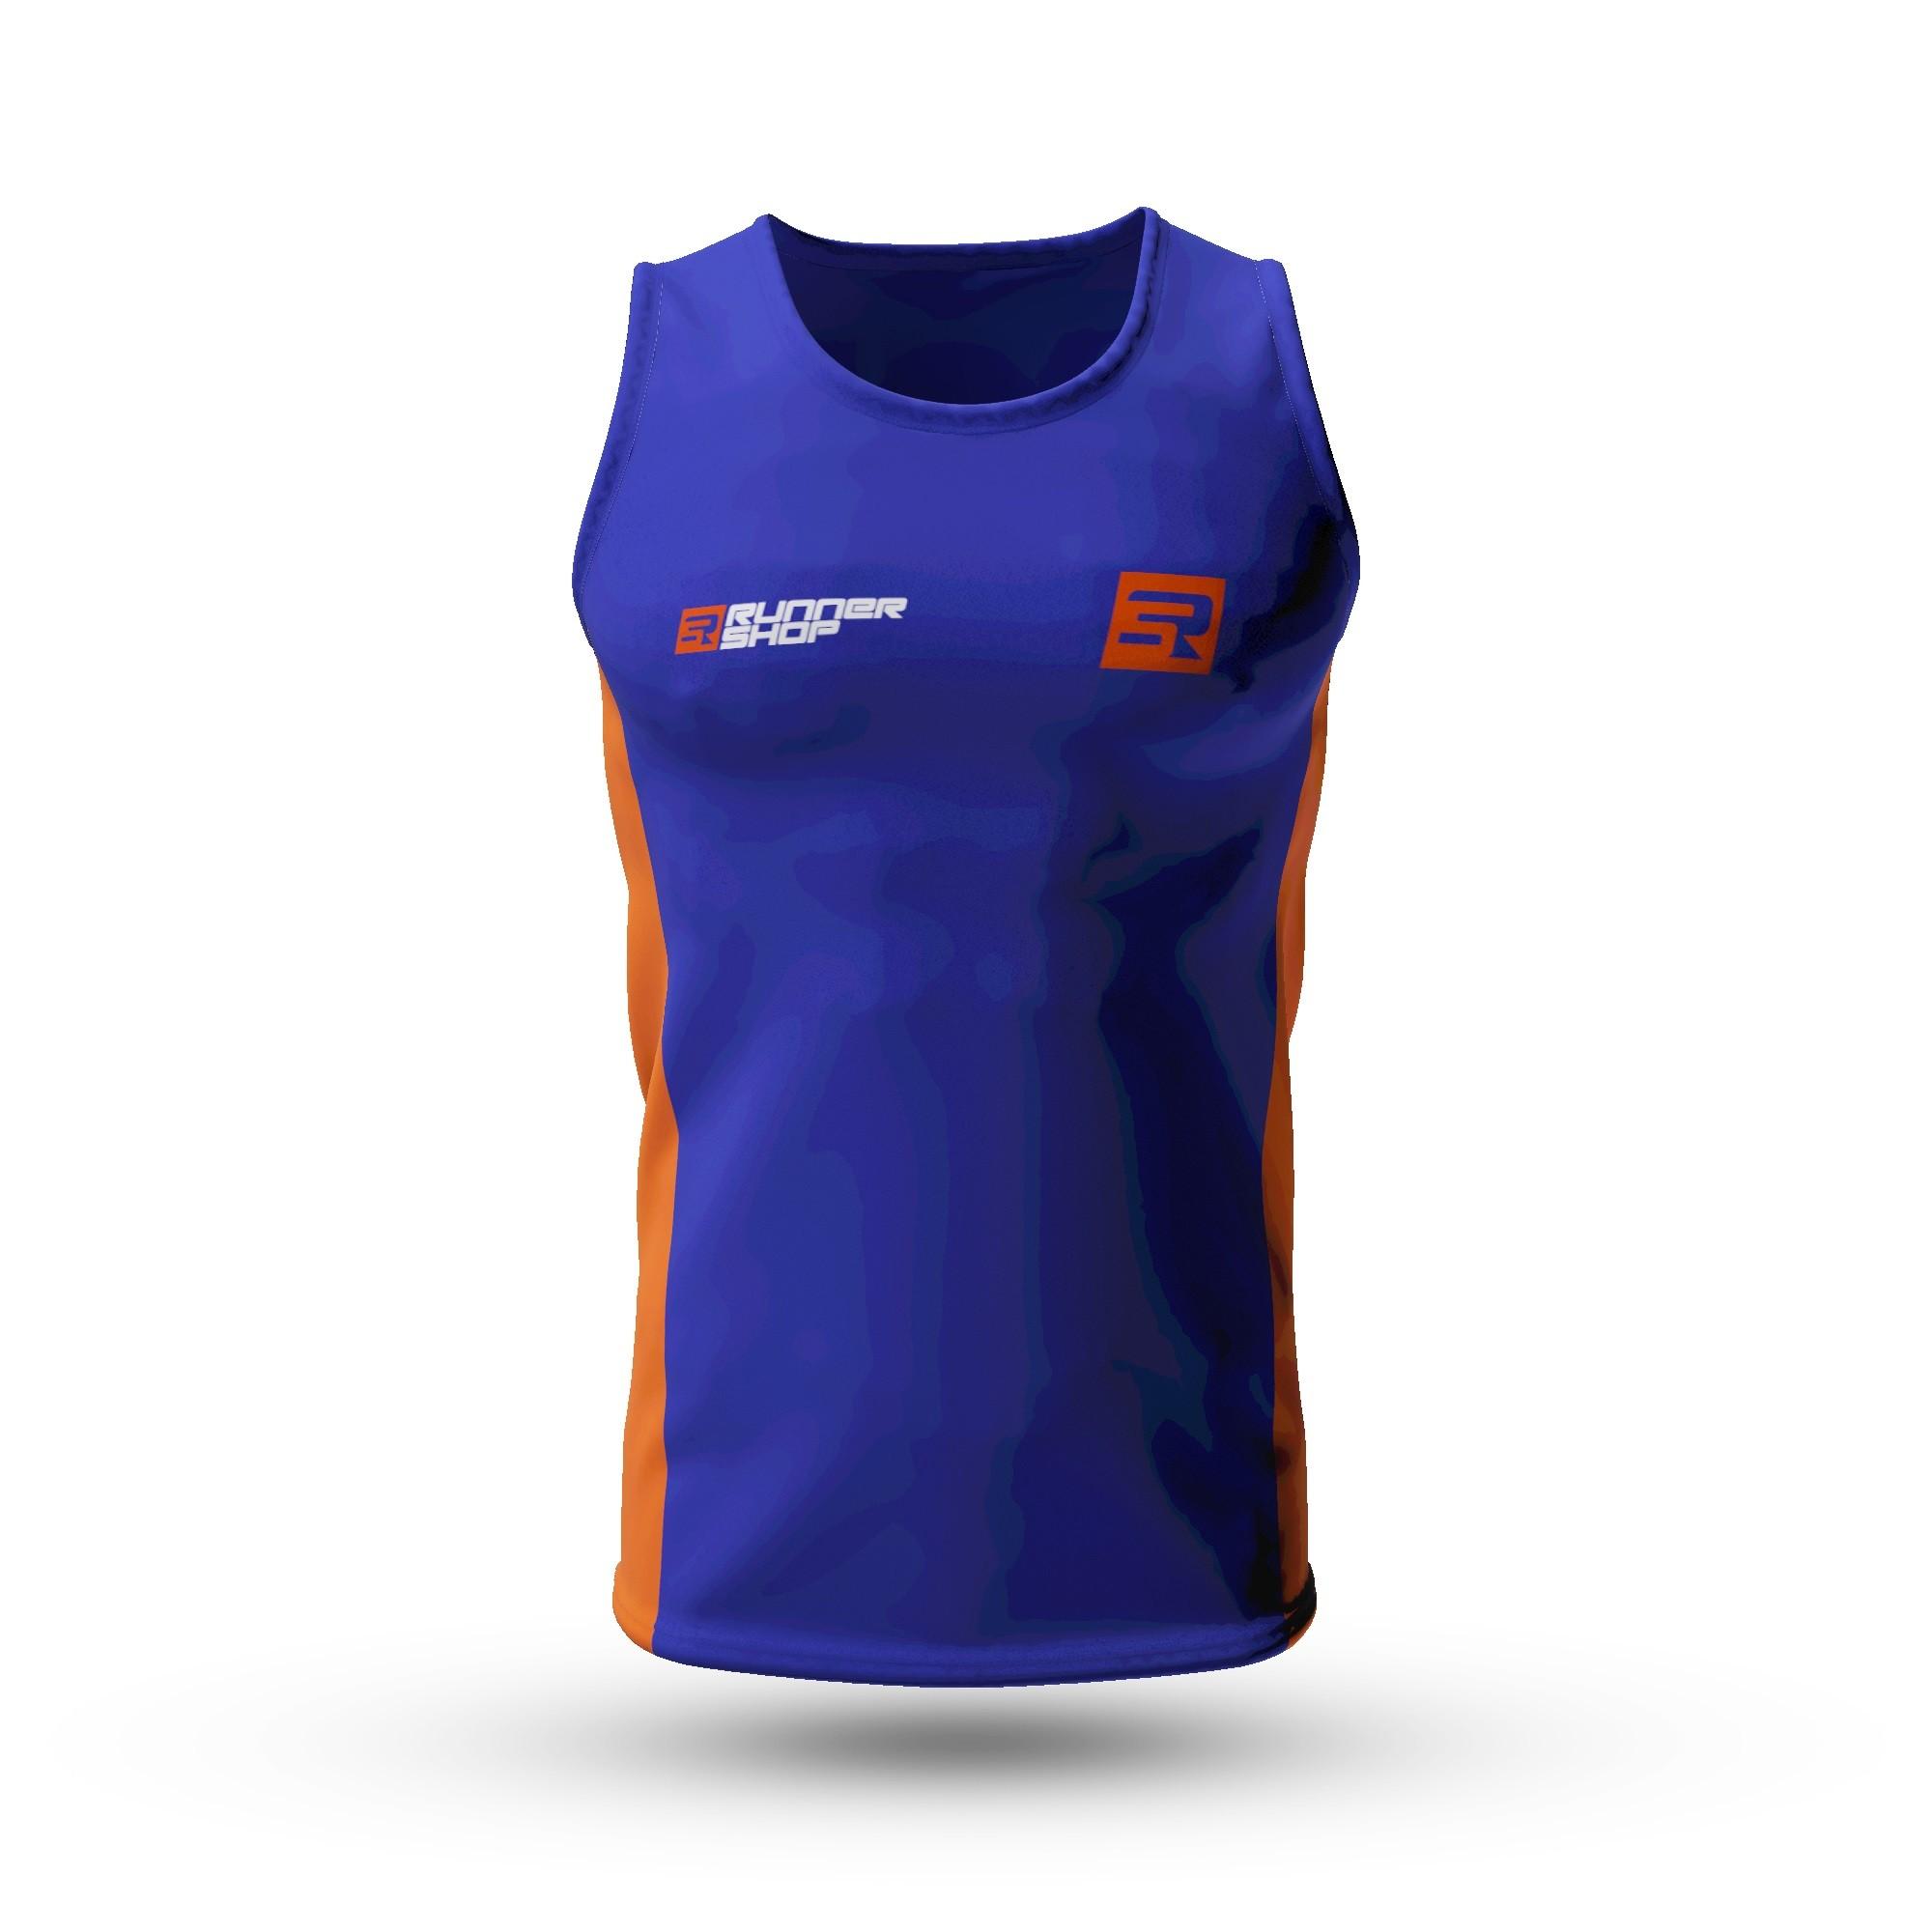 Camiseta Regata TEAM - Unissex | RS TEAM